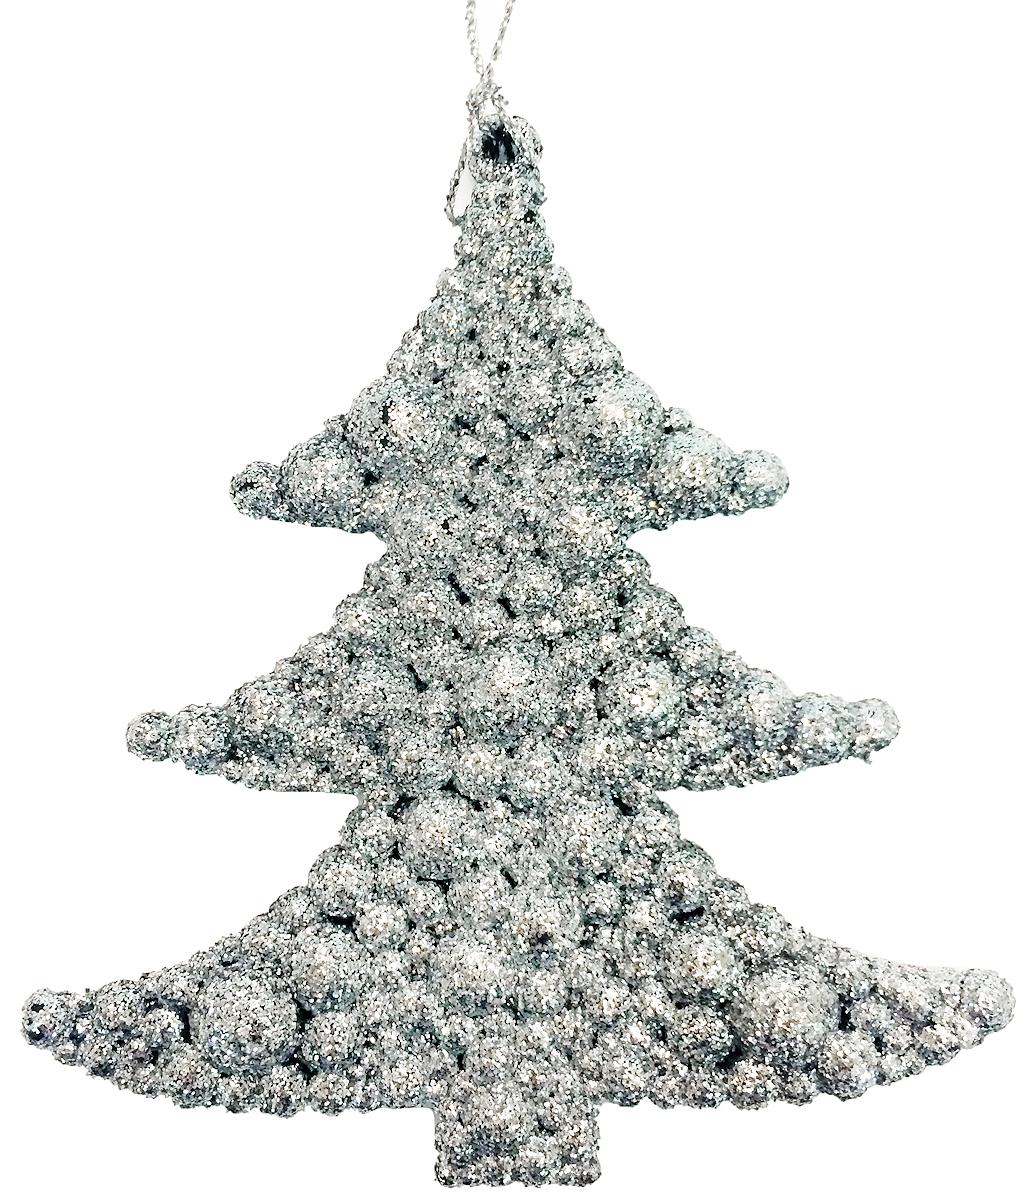 Украшение новогоднее елочное Magic Time Елочка в серебре, 9 х 9,5 см. 3869638696/75063Новогоднее подвесное украшение Magic Time Елочка в серебре изготовлено из качественного пластика и глиттера. Изделие выполнено в виде елочки с объемным украшением. Подвешивается с помощью небольшой веревочки Елочная игрушка - символ Нового года. Она несет в себе волшебство и красоту праздника. Создайте в своем доме атмосферу веселья и радости, украшая всей семьей новогоднюю елку нарядными игрушками, которые будут из года в год накапливать теплоту воспоминаний.Размер украшения: 9 х 9,5 см.